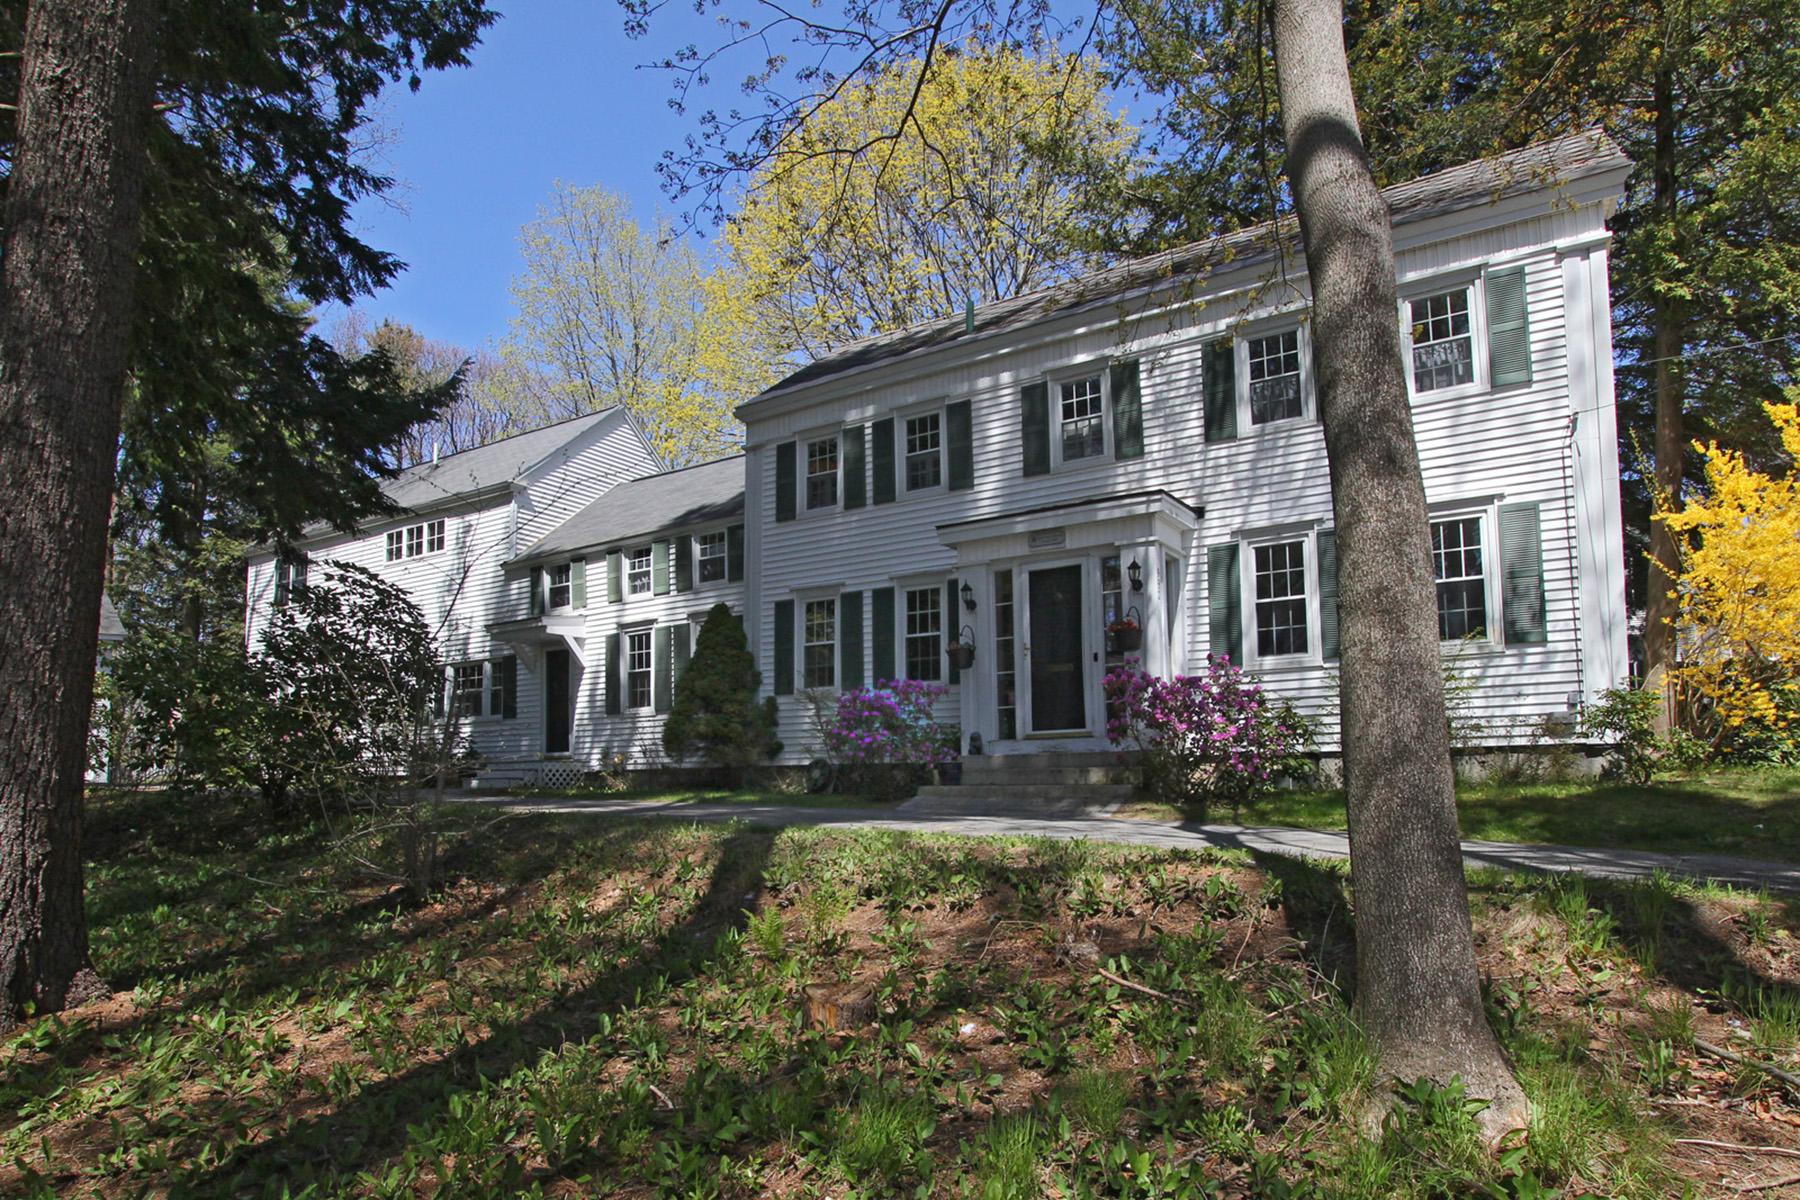 Maison unifamiliale pour l Vente à 992 High St 992 High Street, Bath, Maine, 04530 États-Unis